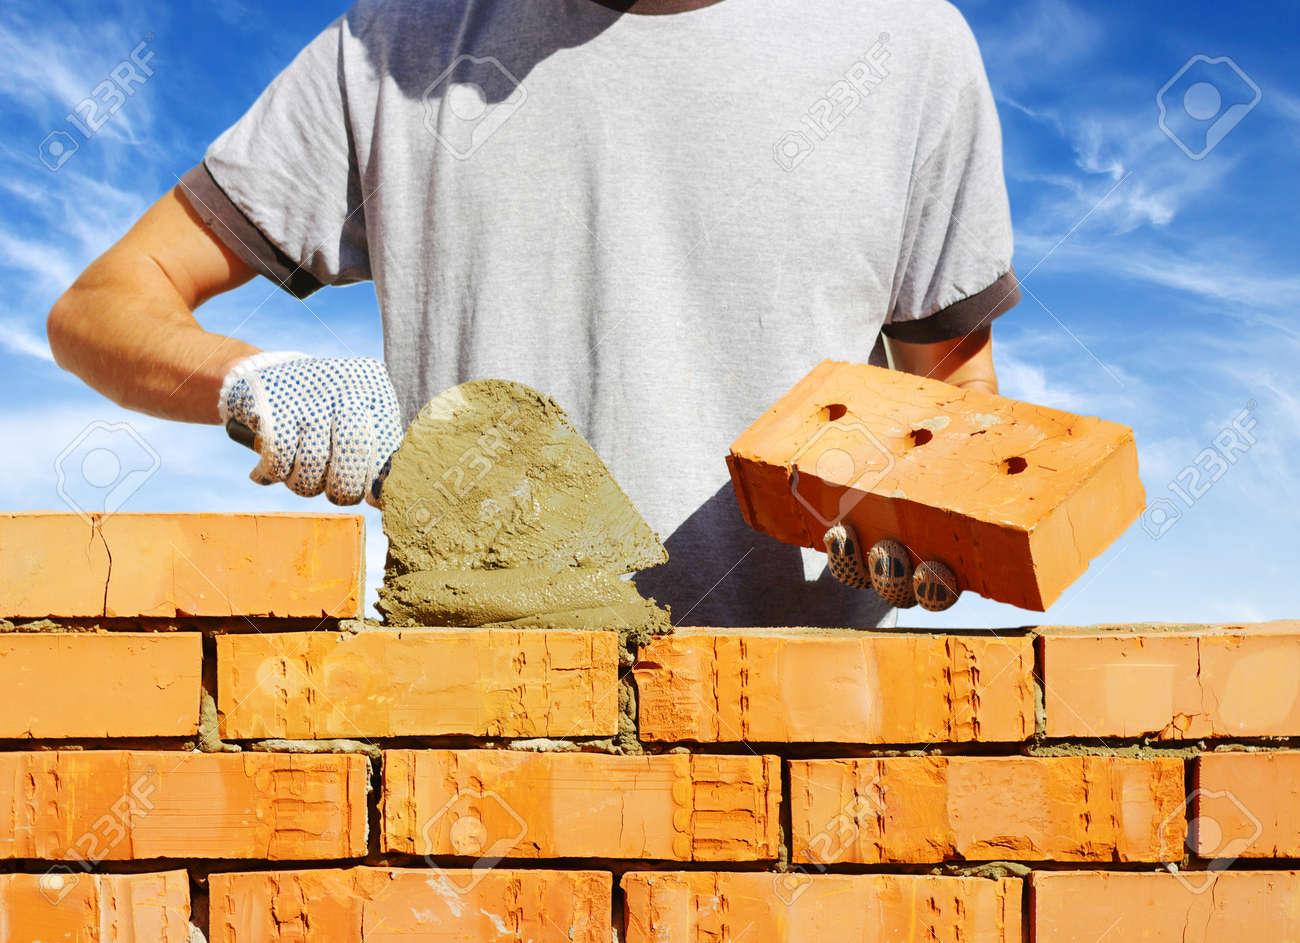 bricklayer laying bricks to make a wall Stock Photo - 12371711